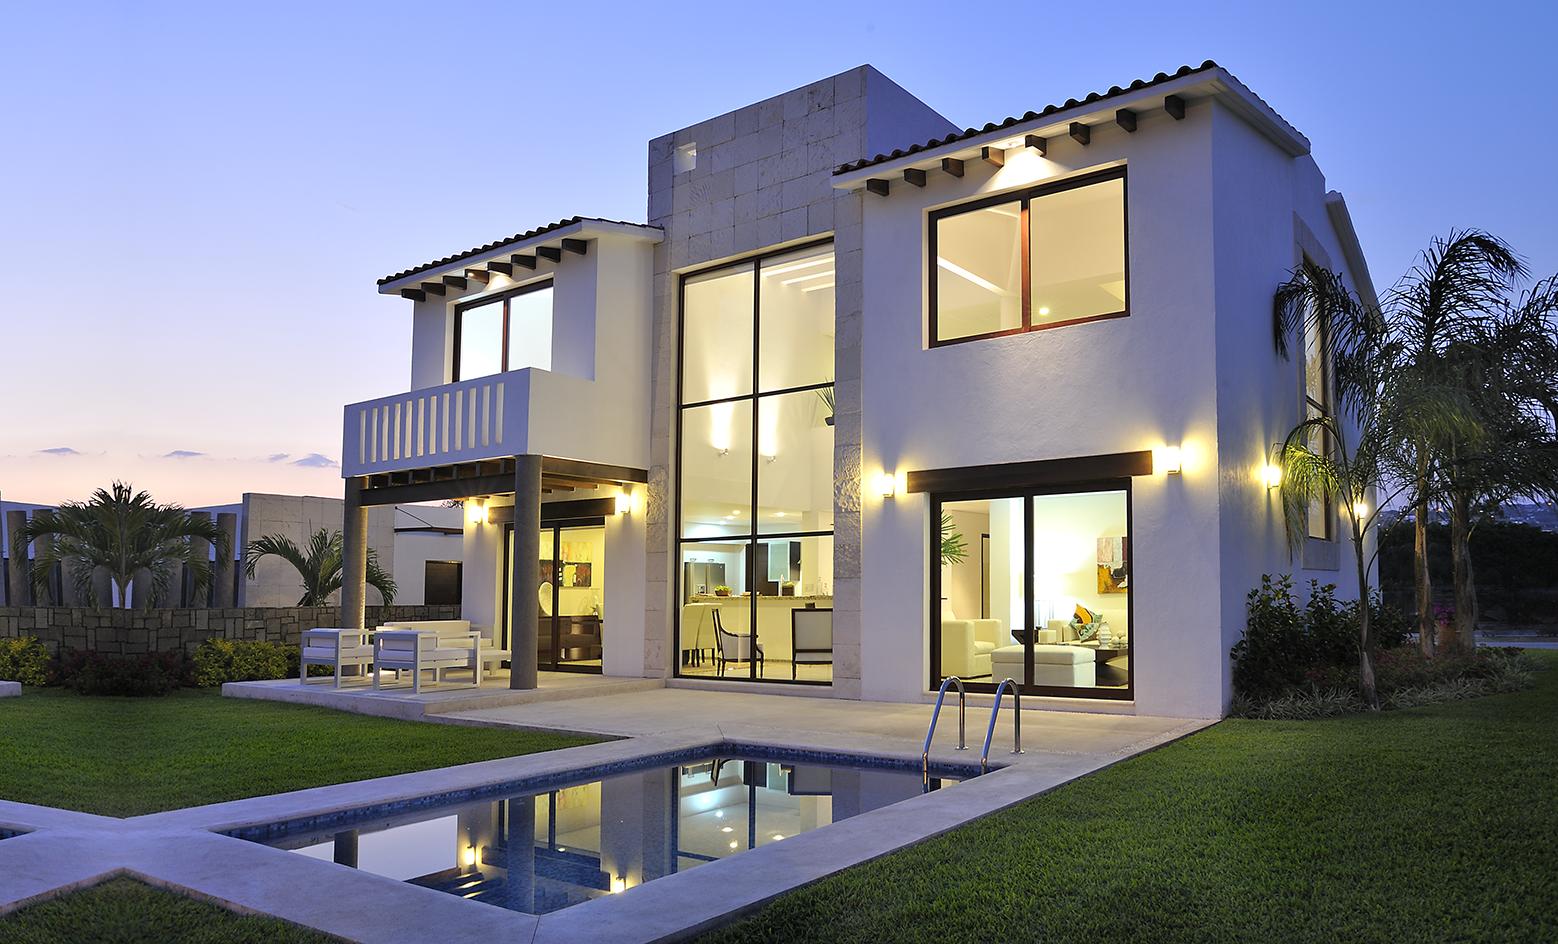 Casas y Departamentos deslumbrantes en Cuernavaca, Desarrollo Paraíso Residencial & Country Club